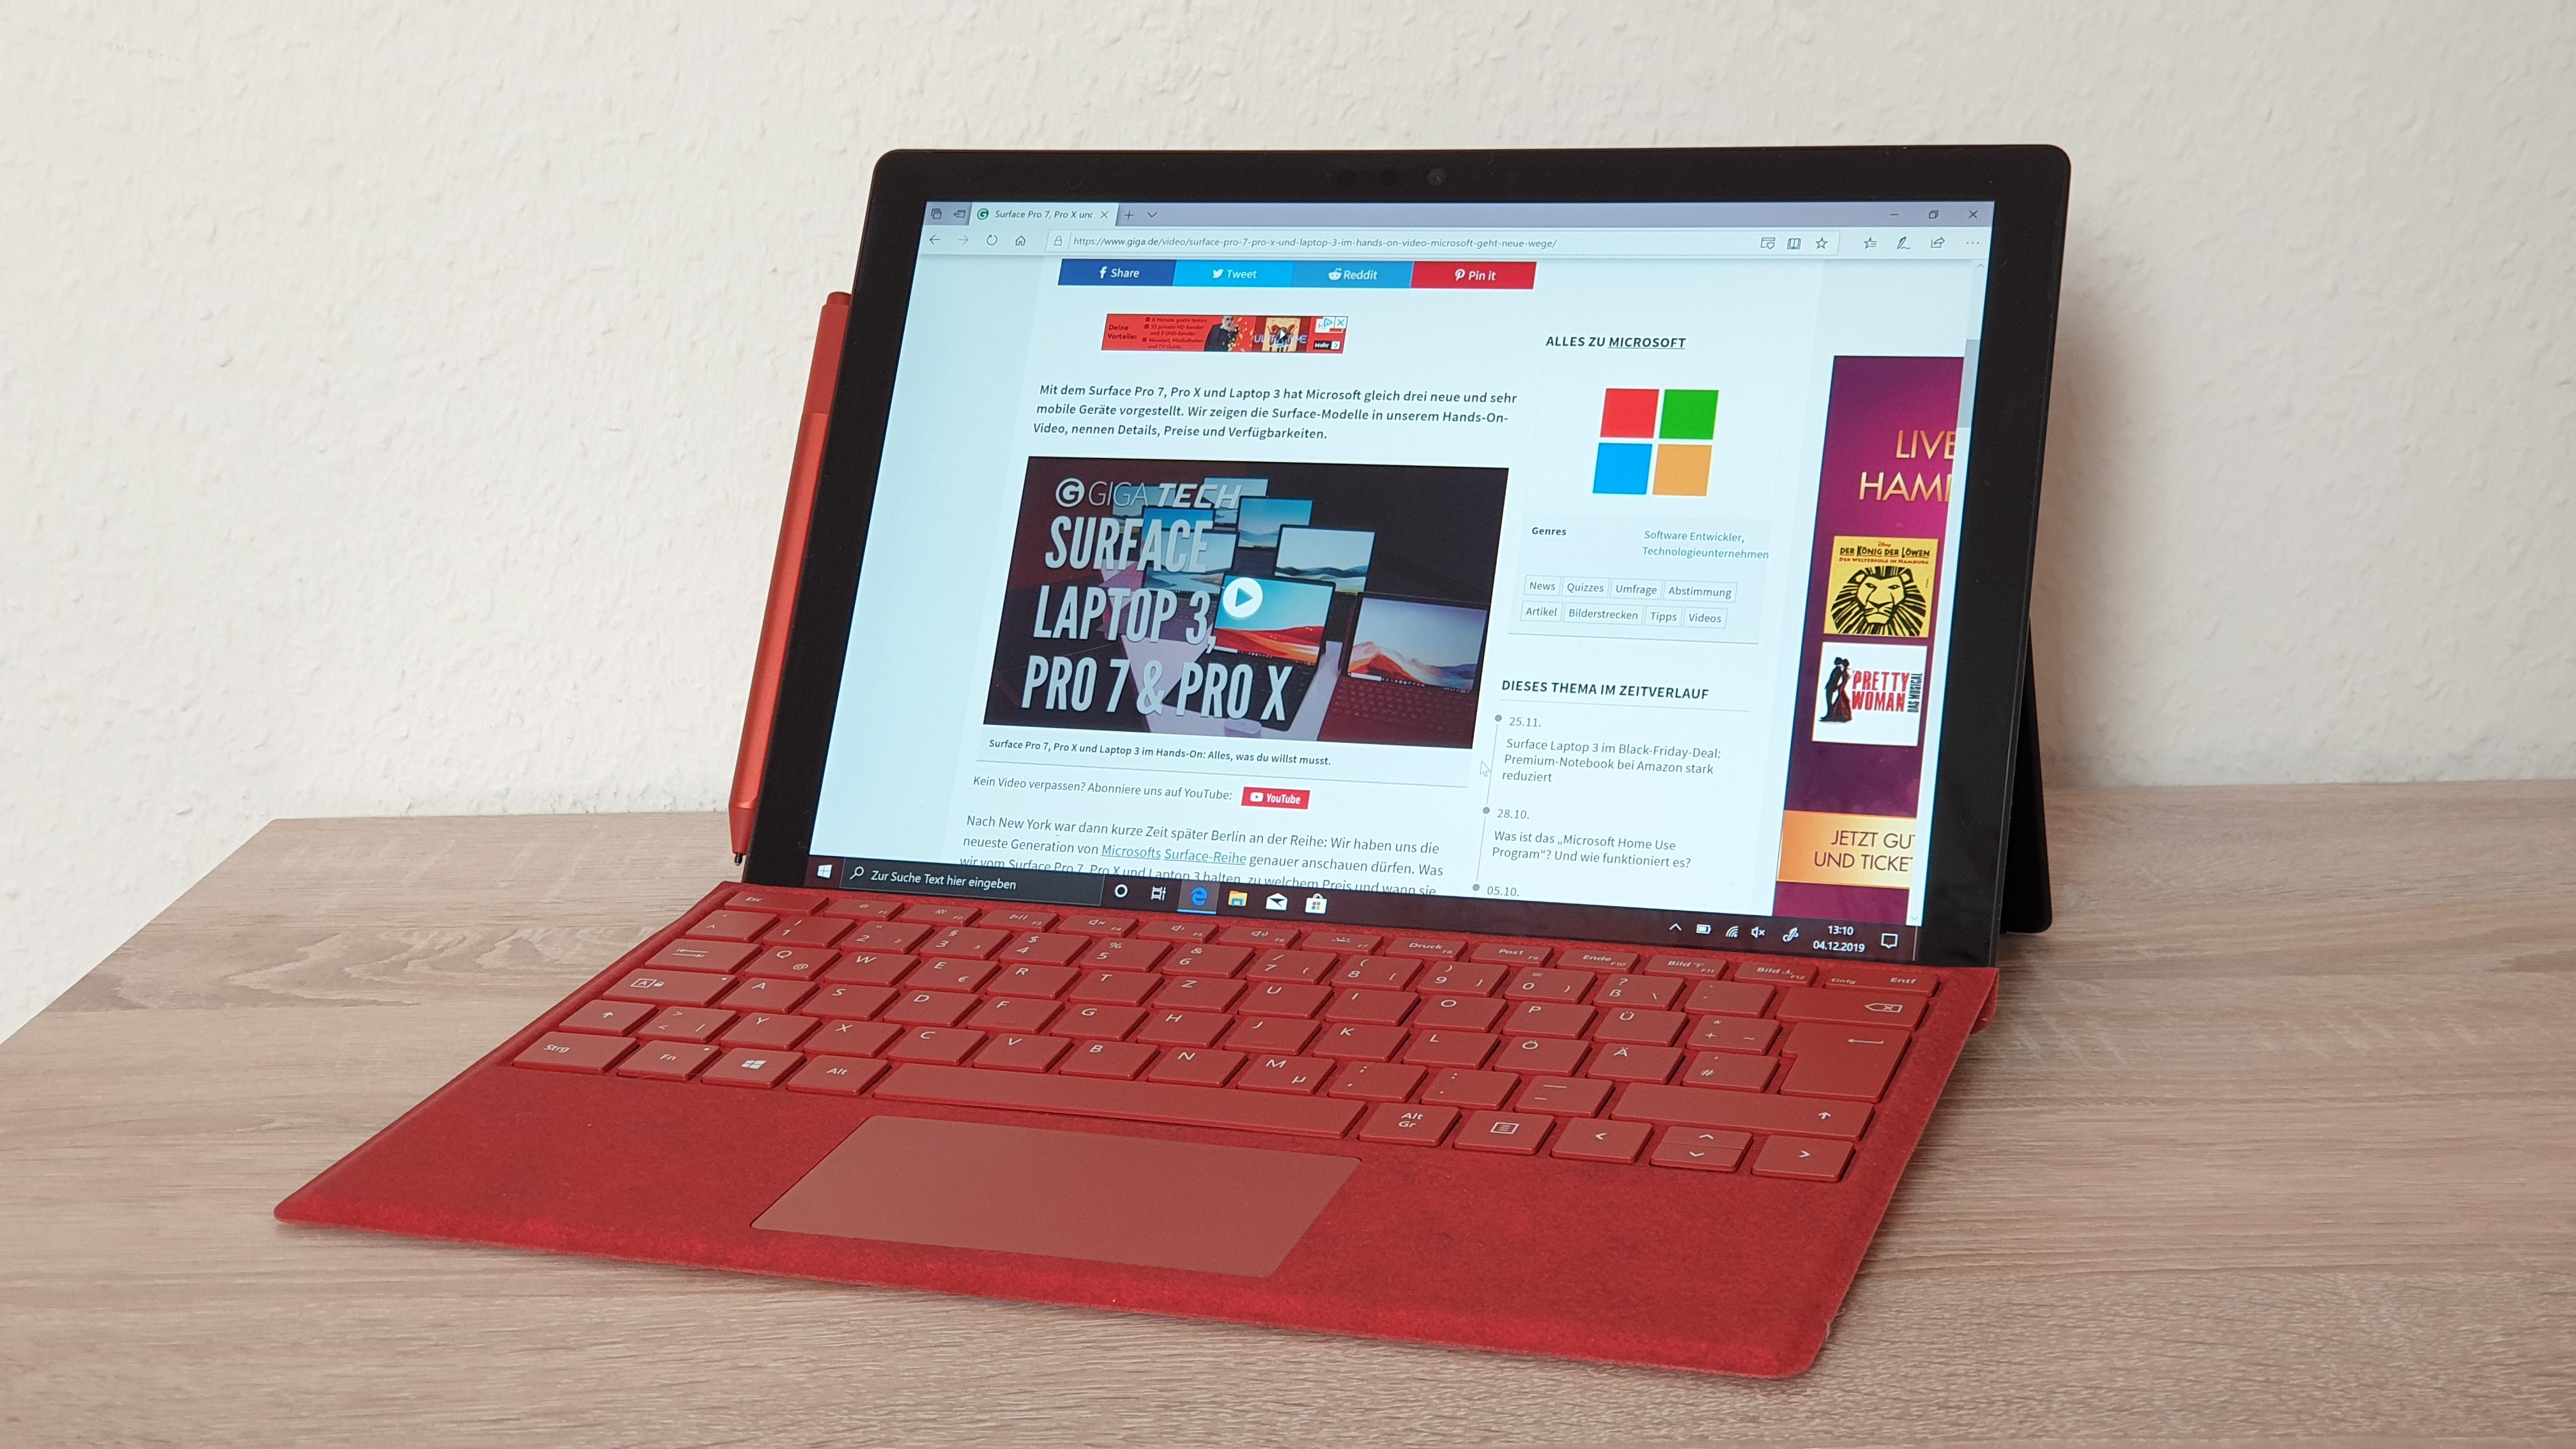 Surface Pro 7 im Test: Das beste Windows-Tablet – jetzt mit USB-C